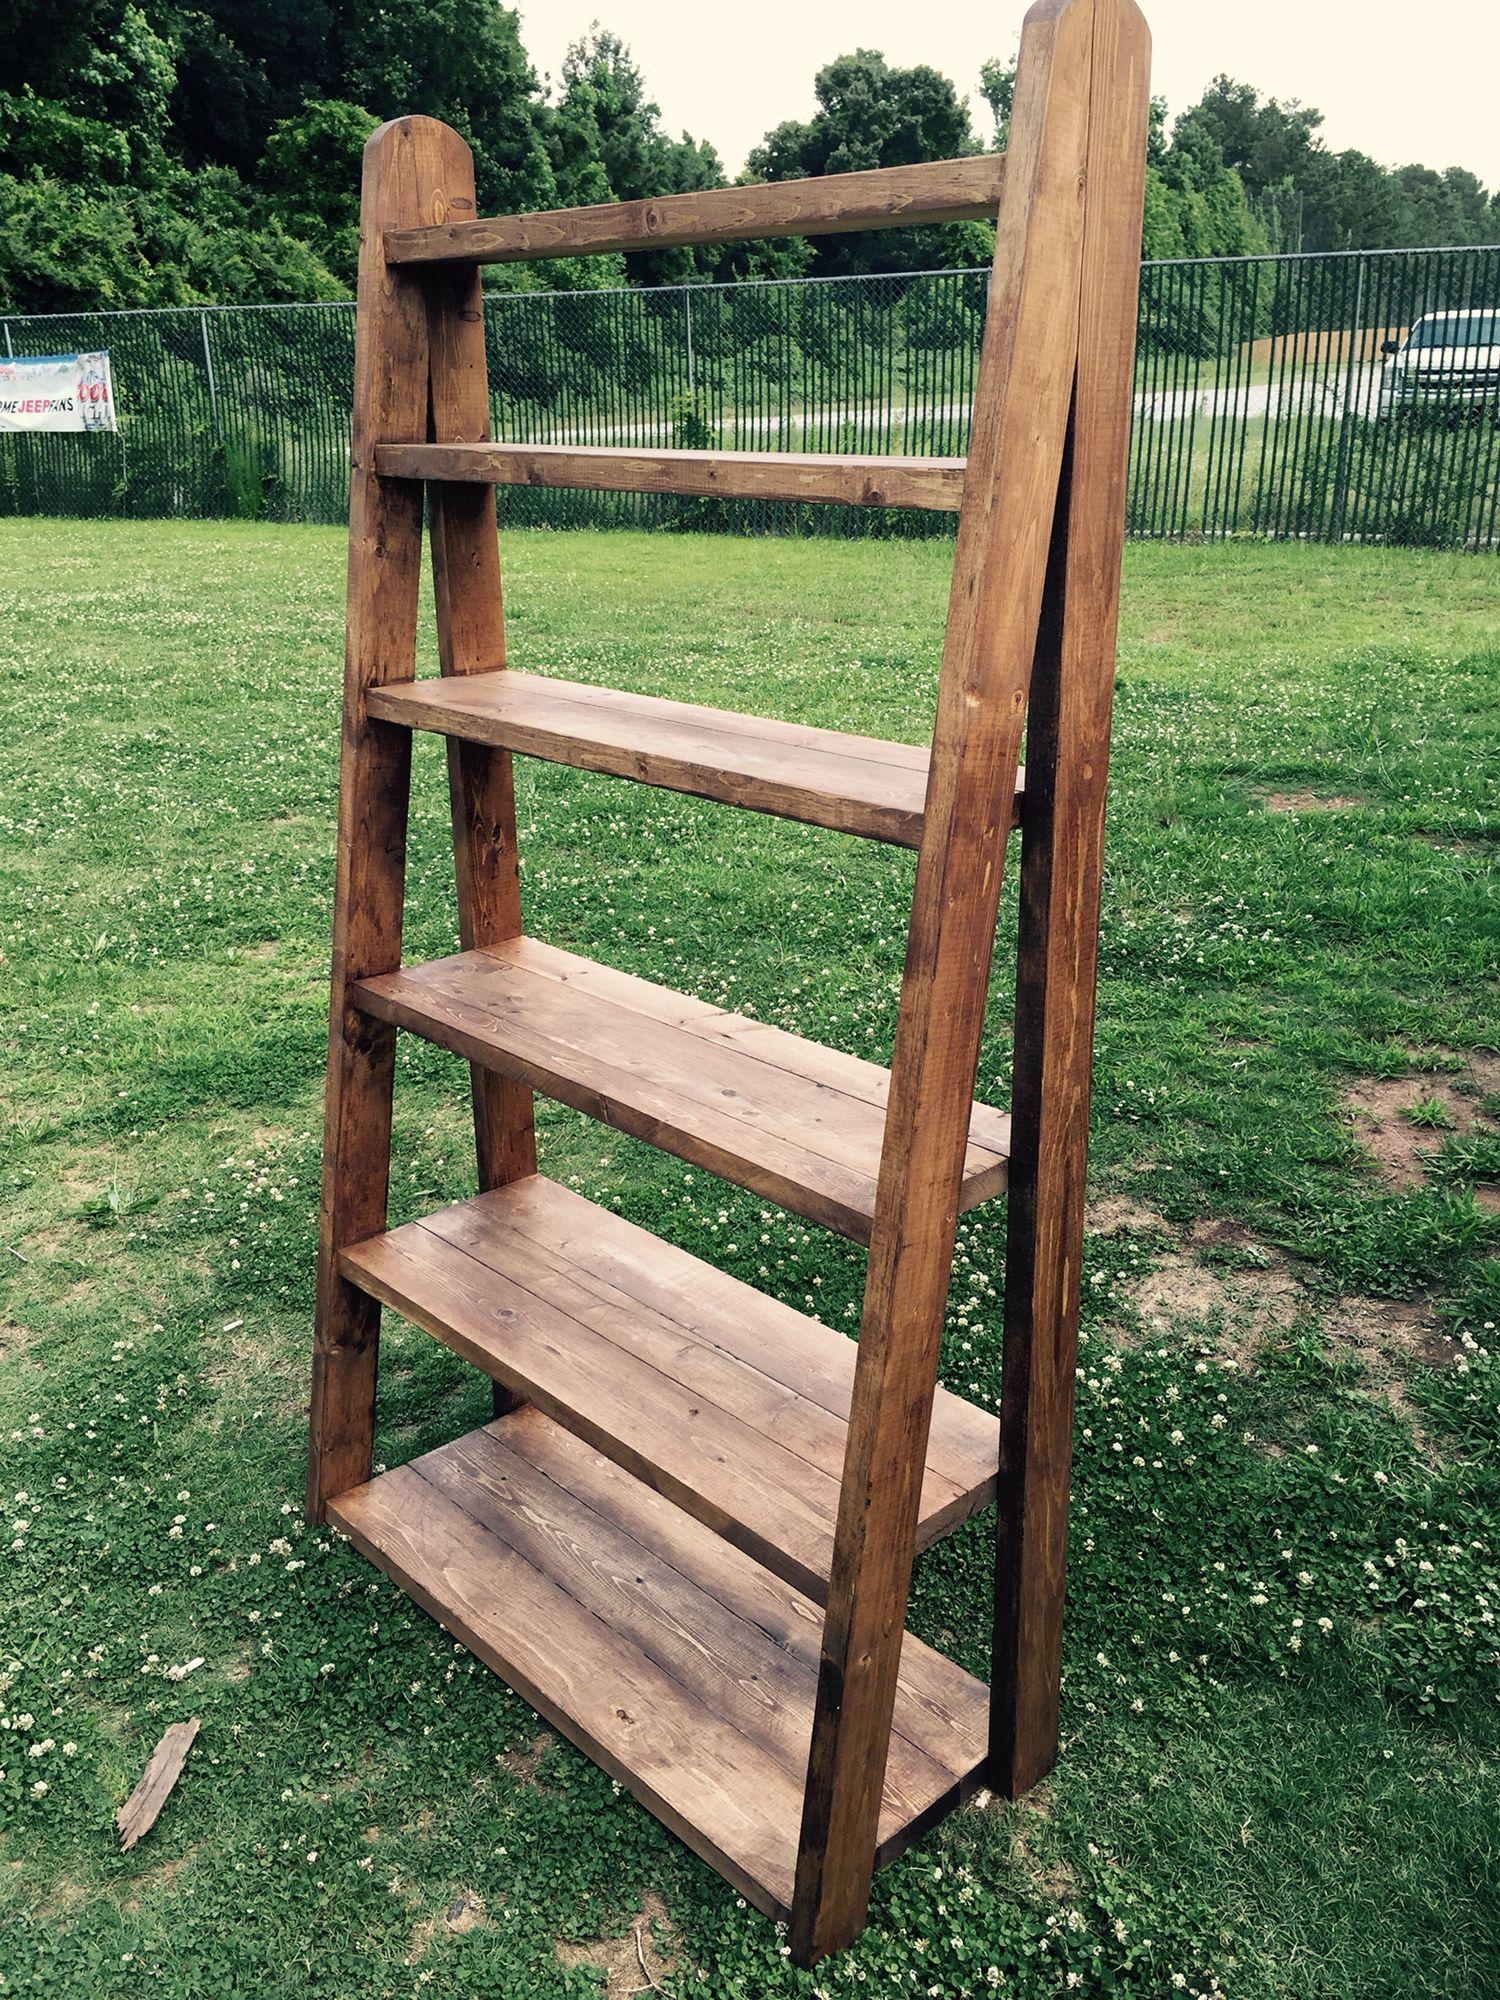 6 Foot Tall 3 1 2 Wide Ladder Bookshelf